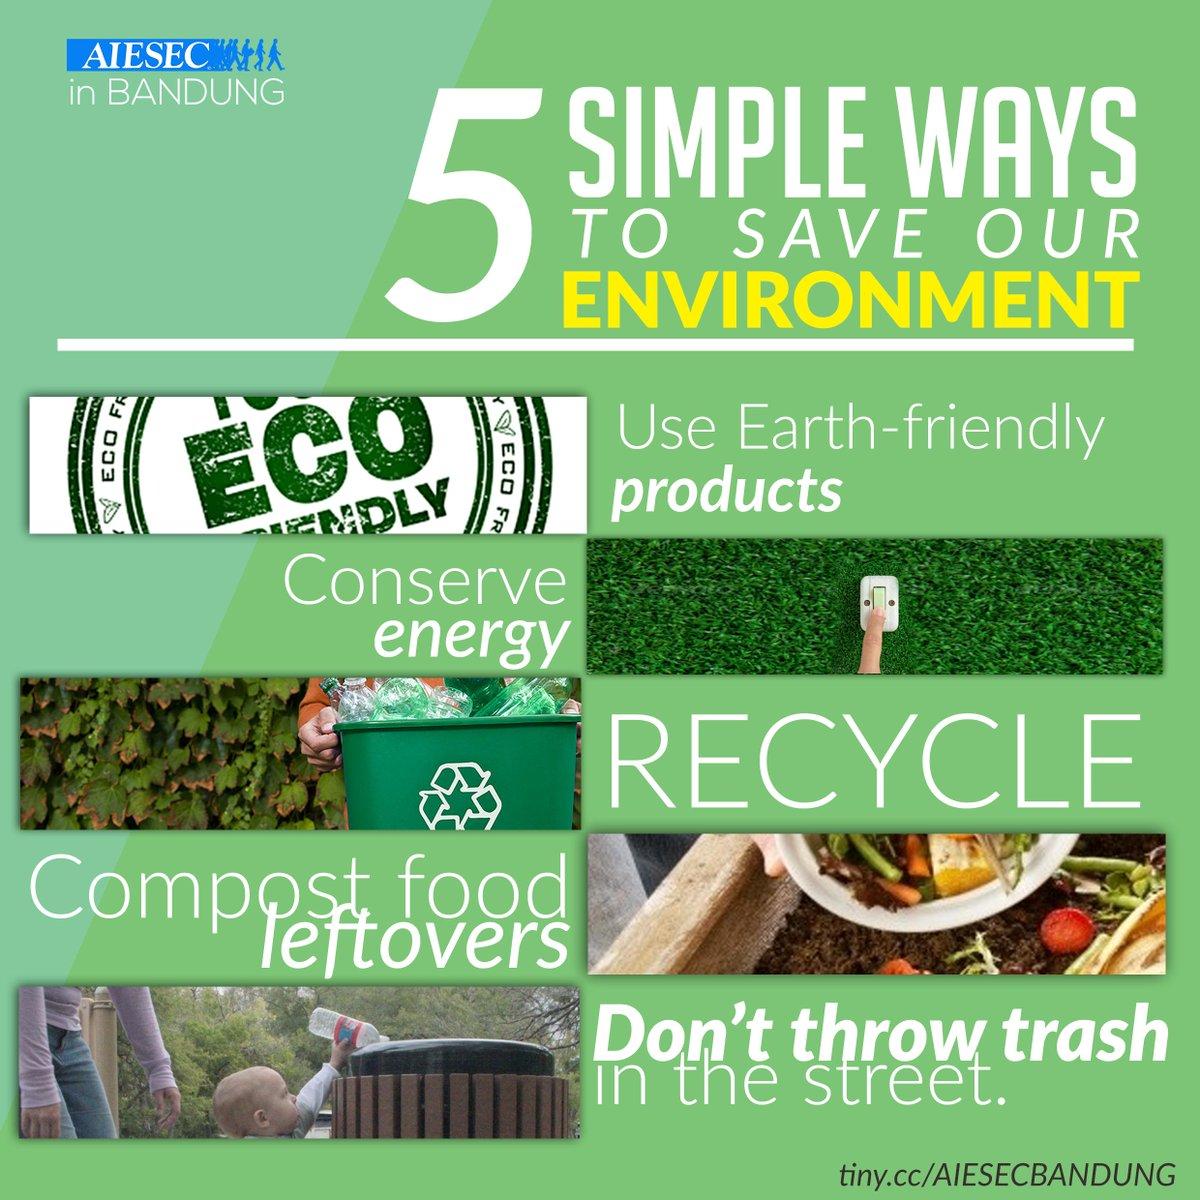 مقترحات للحفاظ على البيئة باللغة الانجليزية